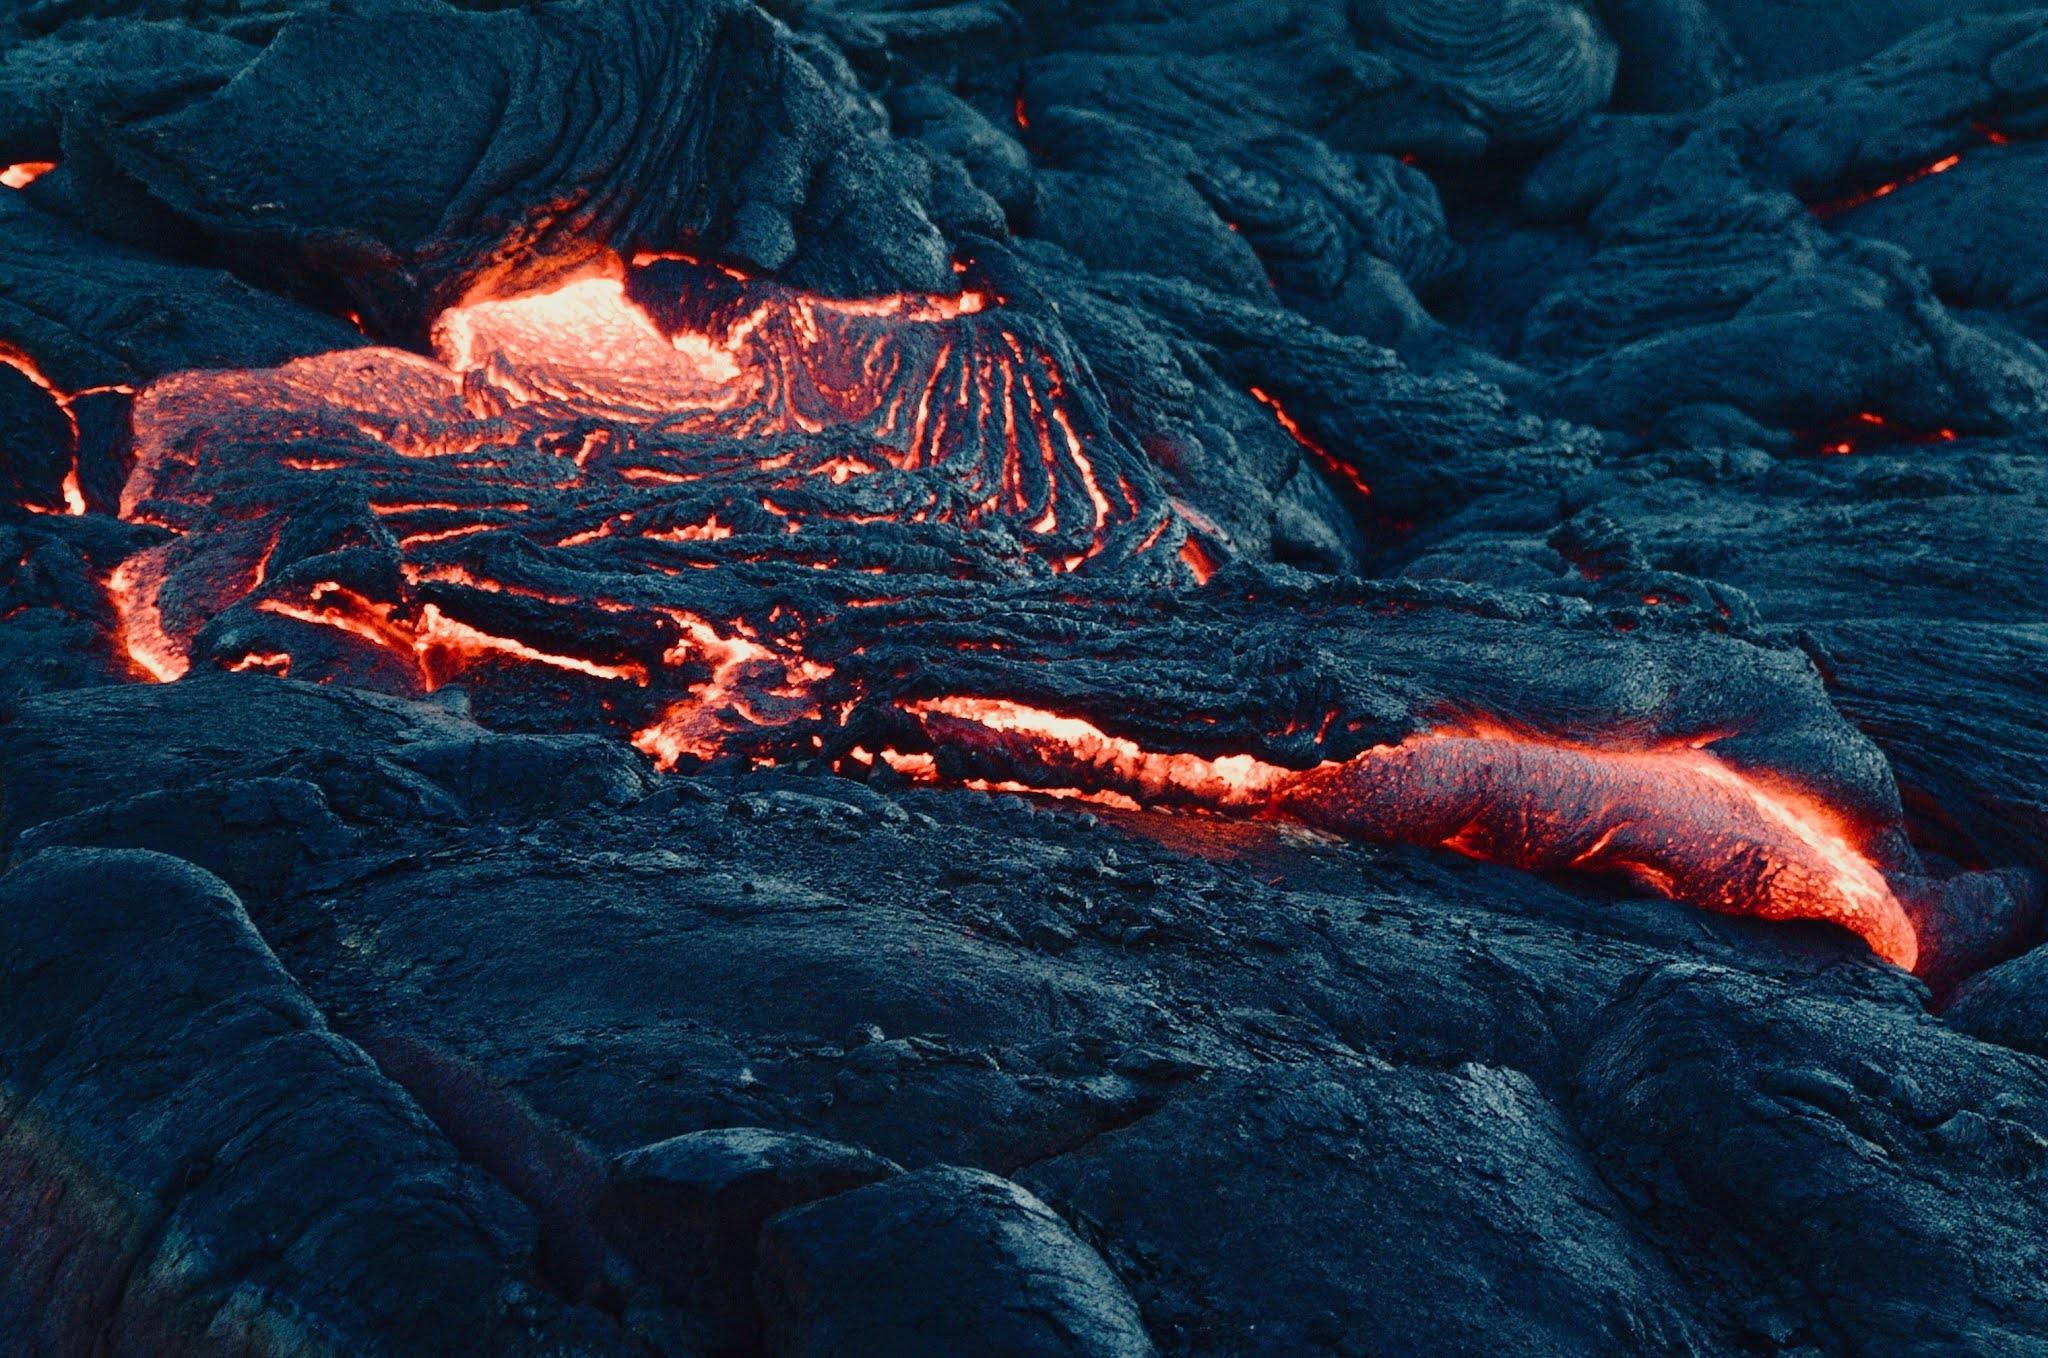 Geldingadalir Vulkan mit einer Drohne gefilmt   Drohne kaputt, Aufnahme perfekt